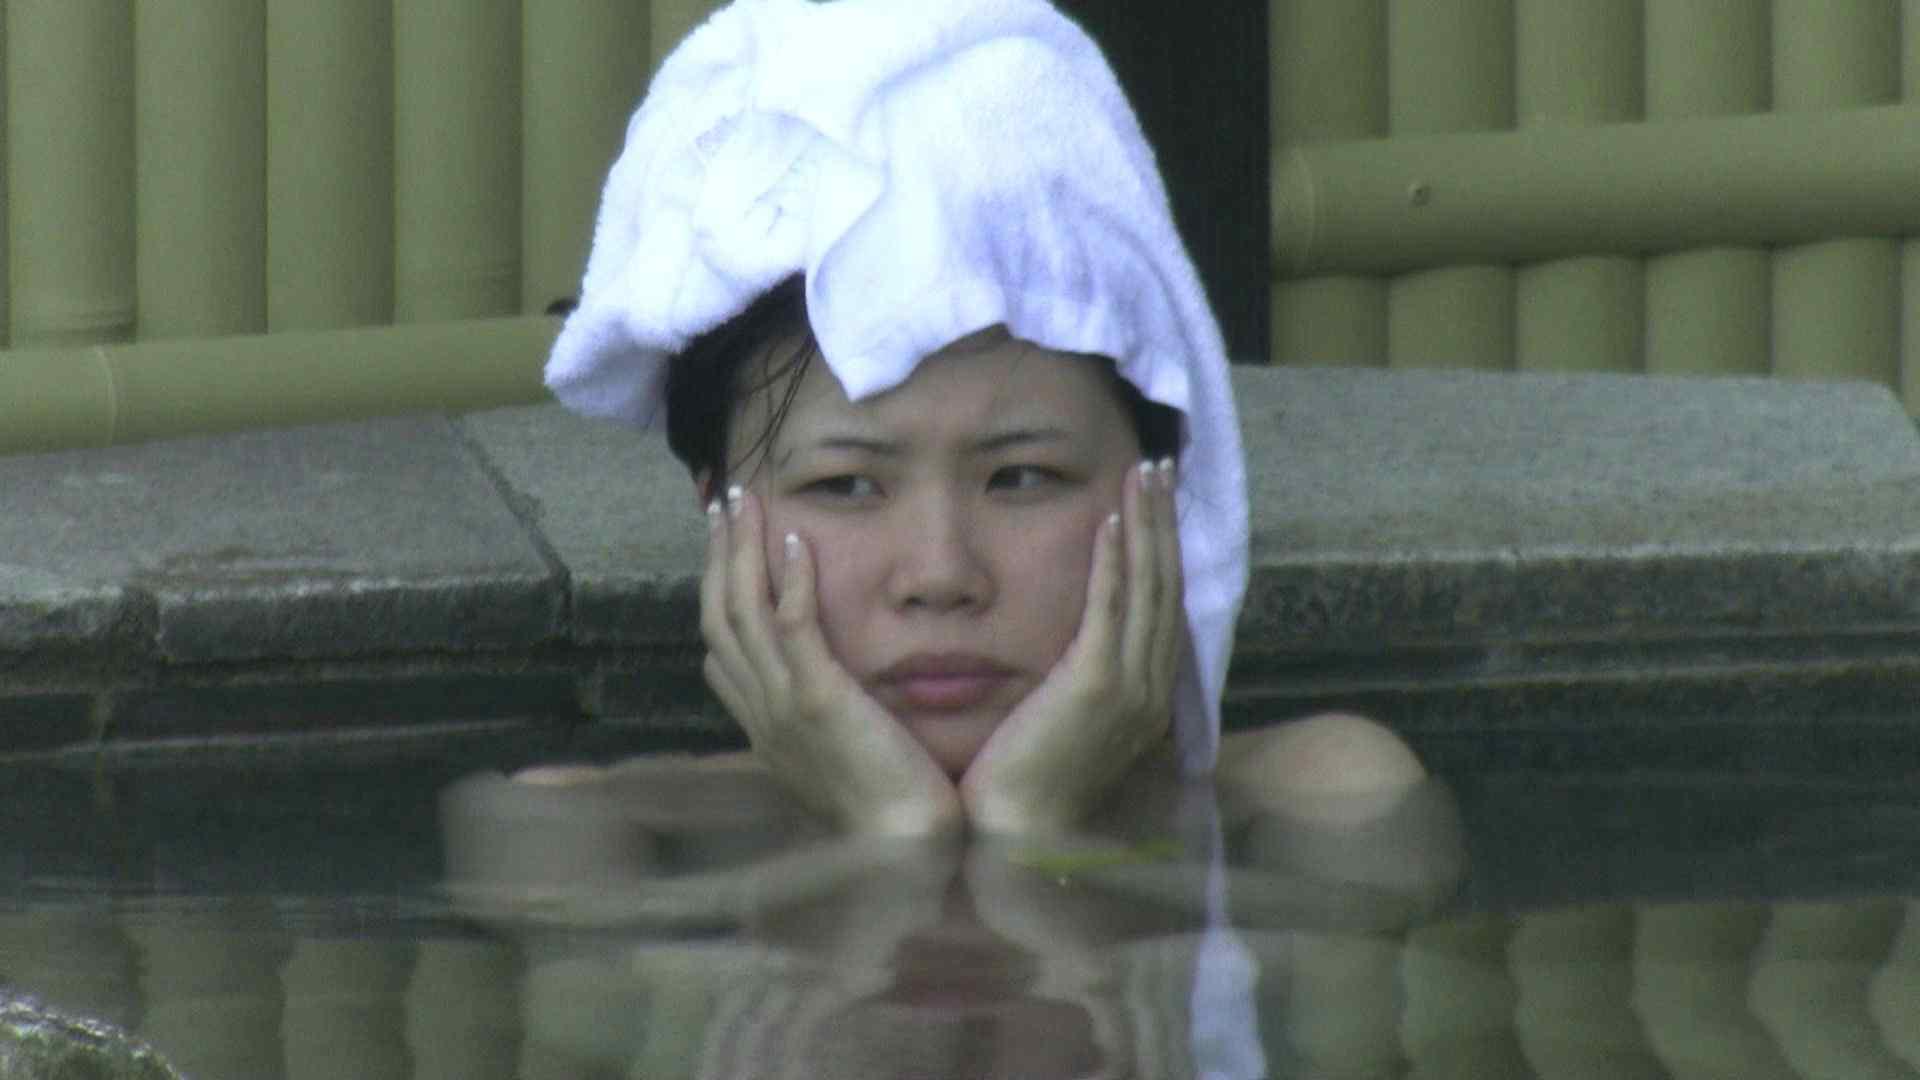 Aquaな露天風呂Vol.183 盗撮  69画像 66